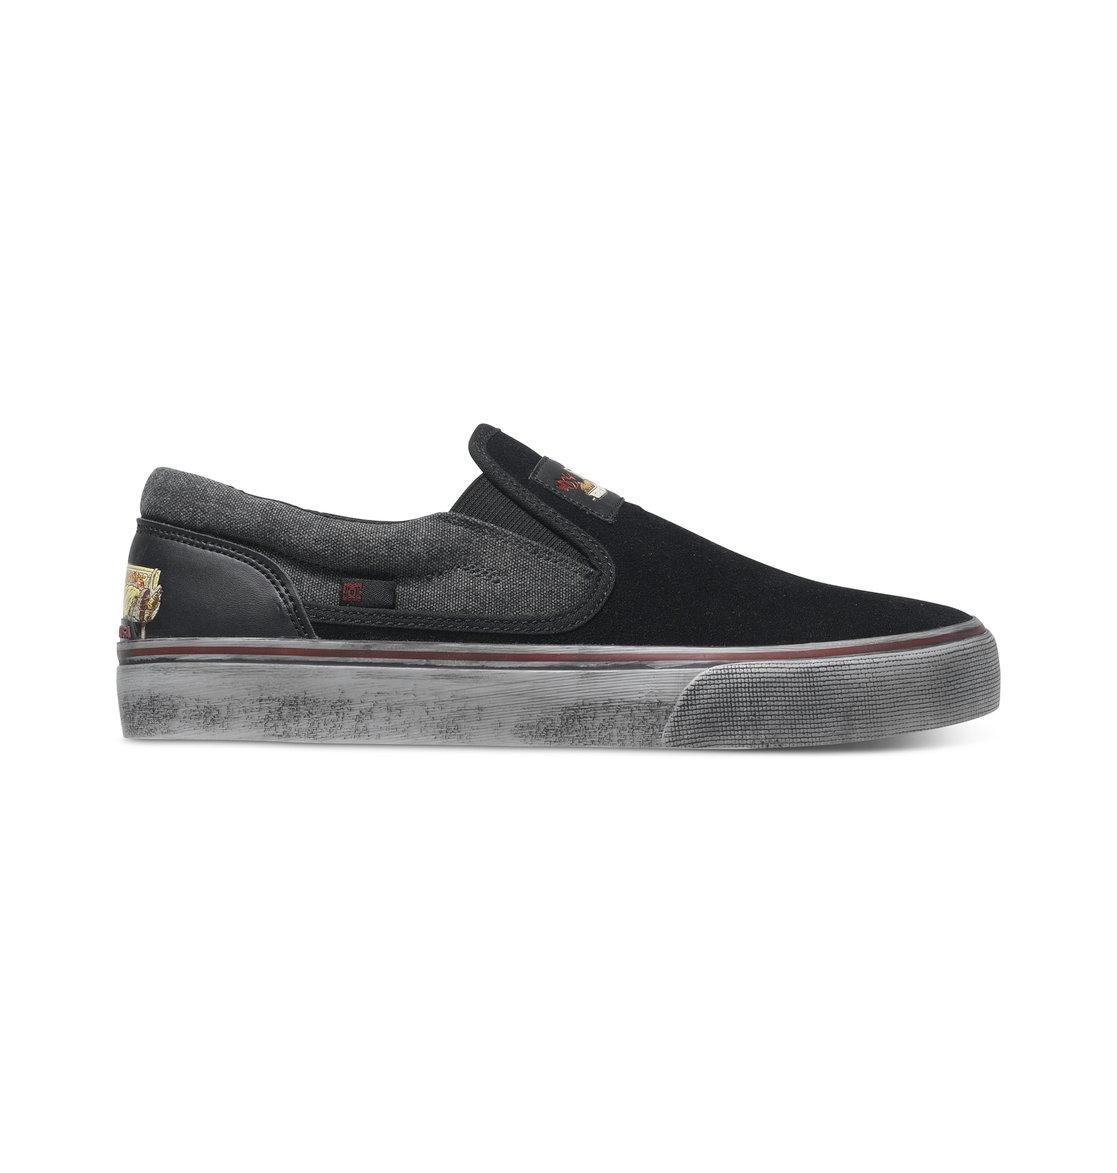 DC Frauen Trase Slip-On X Skate-Schuhe, EUR: 43, Black/White